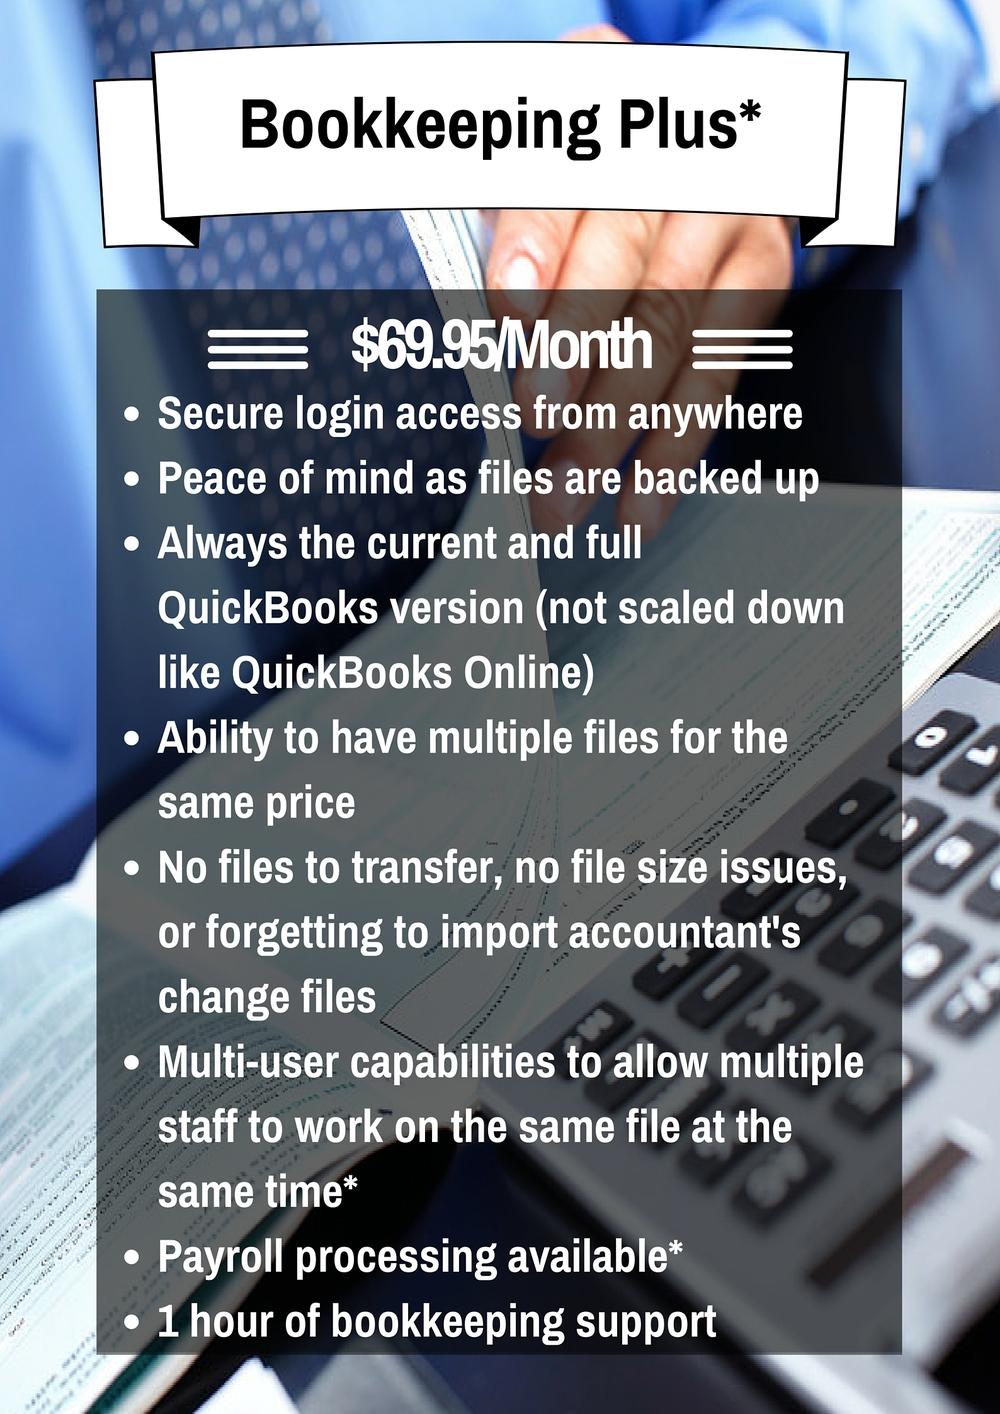 Bookkeeping Plus-.jpg